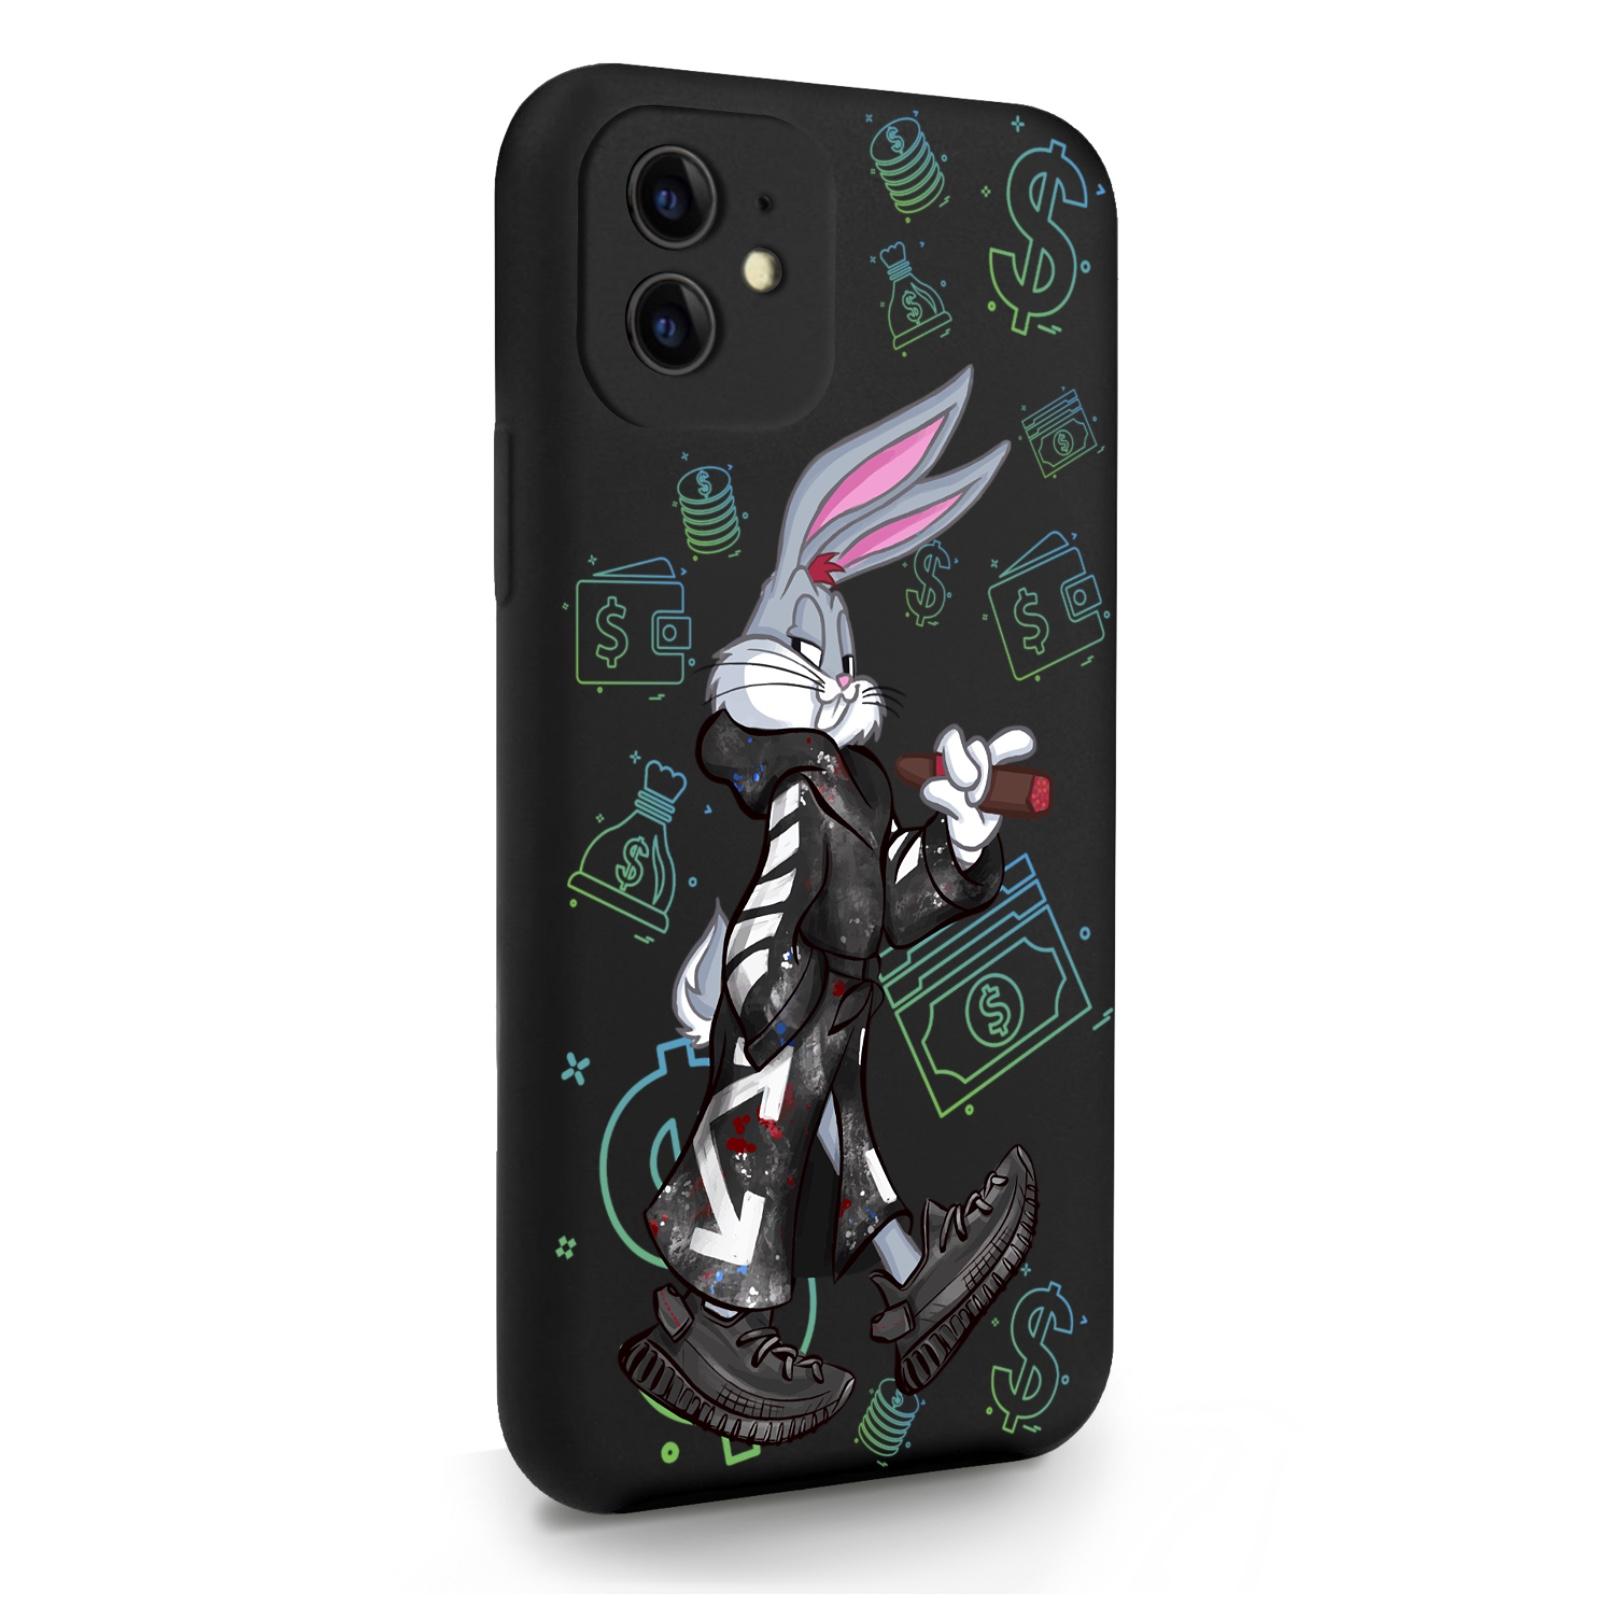 Черный силиконовый чехол для iPhone 11 Mr. Rich Bunny Neon/ Мистер Богатый Заяц Неон для Айфон 11